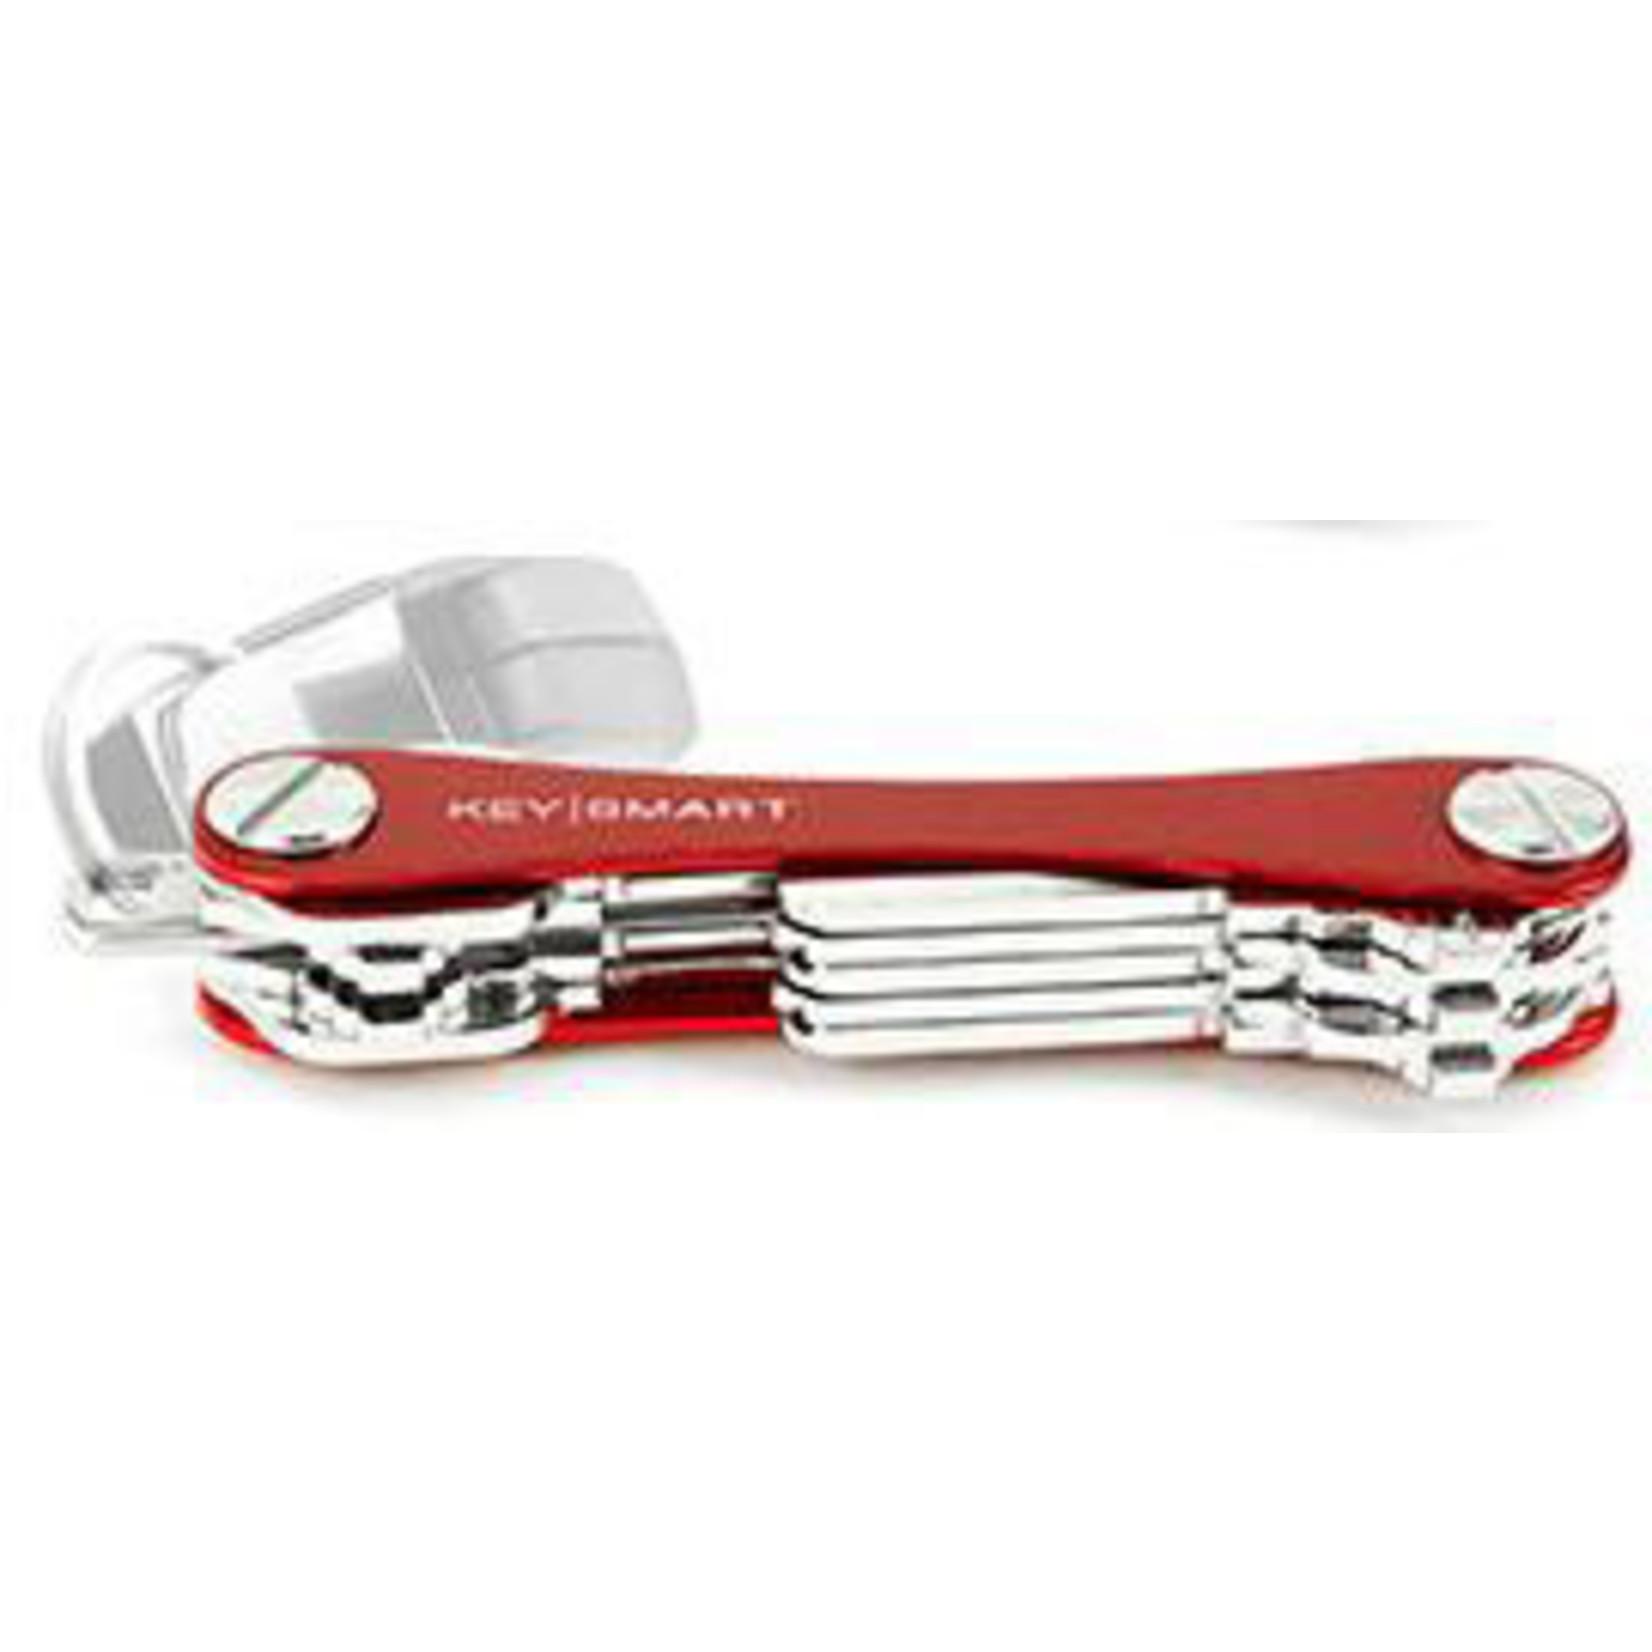 KeySmart KeySmart Compact sleutelhouder rood